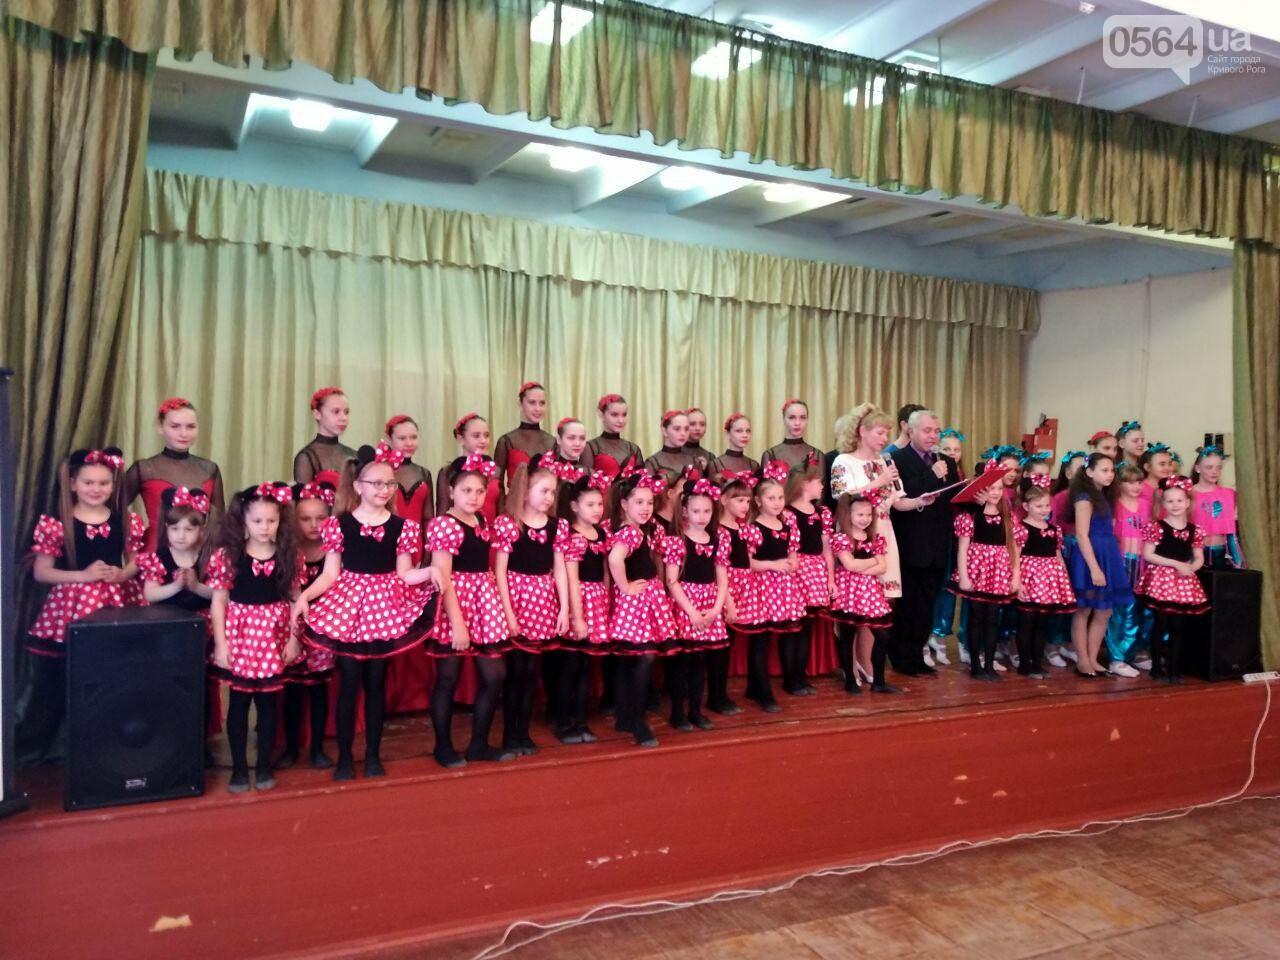 Криворожские школьники провели благотворительный концерт в поддержку бойцов АТО (ФОТО), фото-1